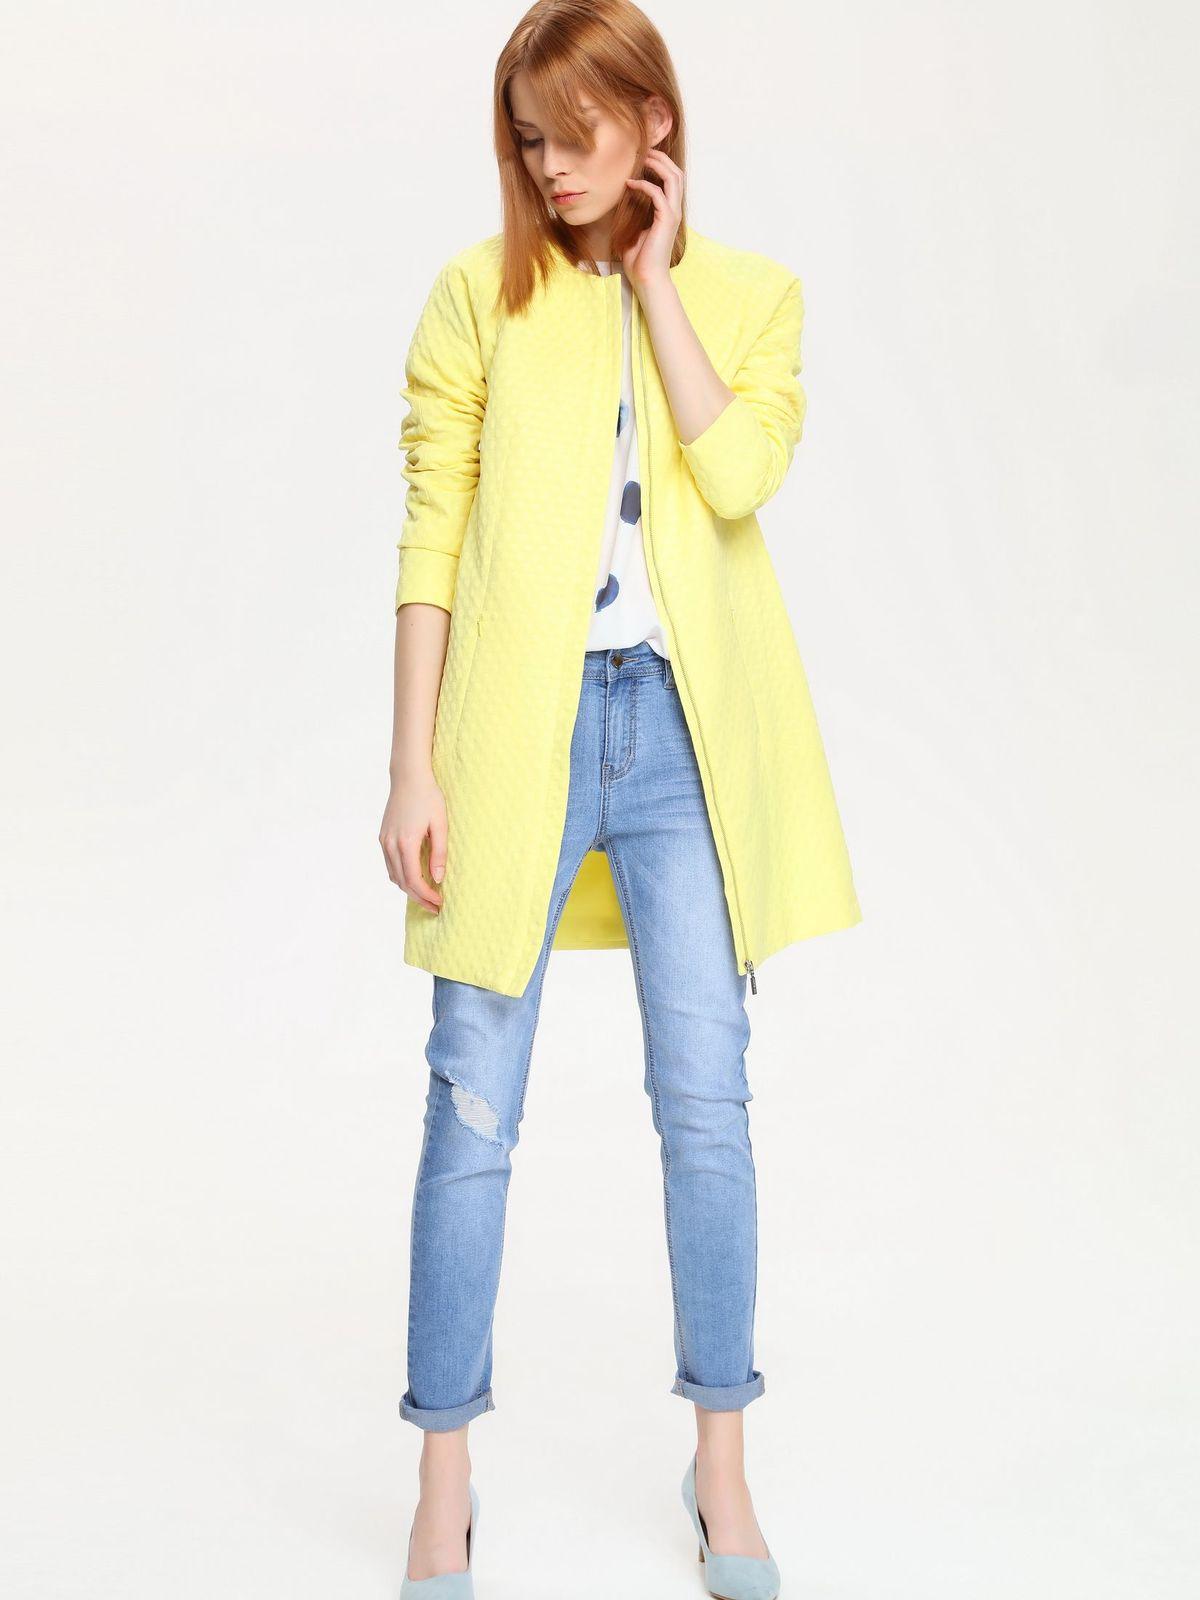 ПальтоSPZ0316ZIЭлегантное женское пальто Top Secret выполнено из полиэстера с добавлением хлопка. Модель с круглым вырезом горловины и длинными рукавами застегивается на застежку-молнию скрытую под планкой. Изделие дополнено двумя втачными карманами на потайных застежках-молниях. Такое пальто приятно прилегает к телу, и оно обязательно станет самой уютной и любимой вещью вашего осеннего гардероба.